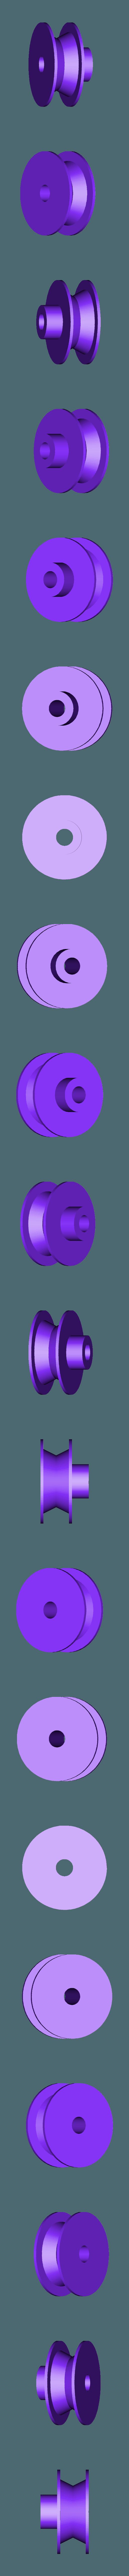 Pulley_Motor.STL Télécharger fichier STL gratuit Nettoyant pour panne à souder • Modèle à imprimer en 3D, perinski